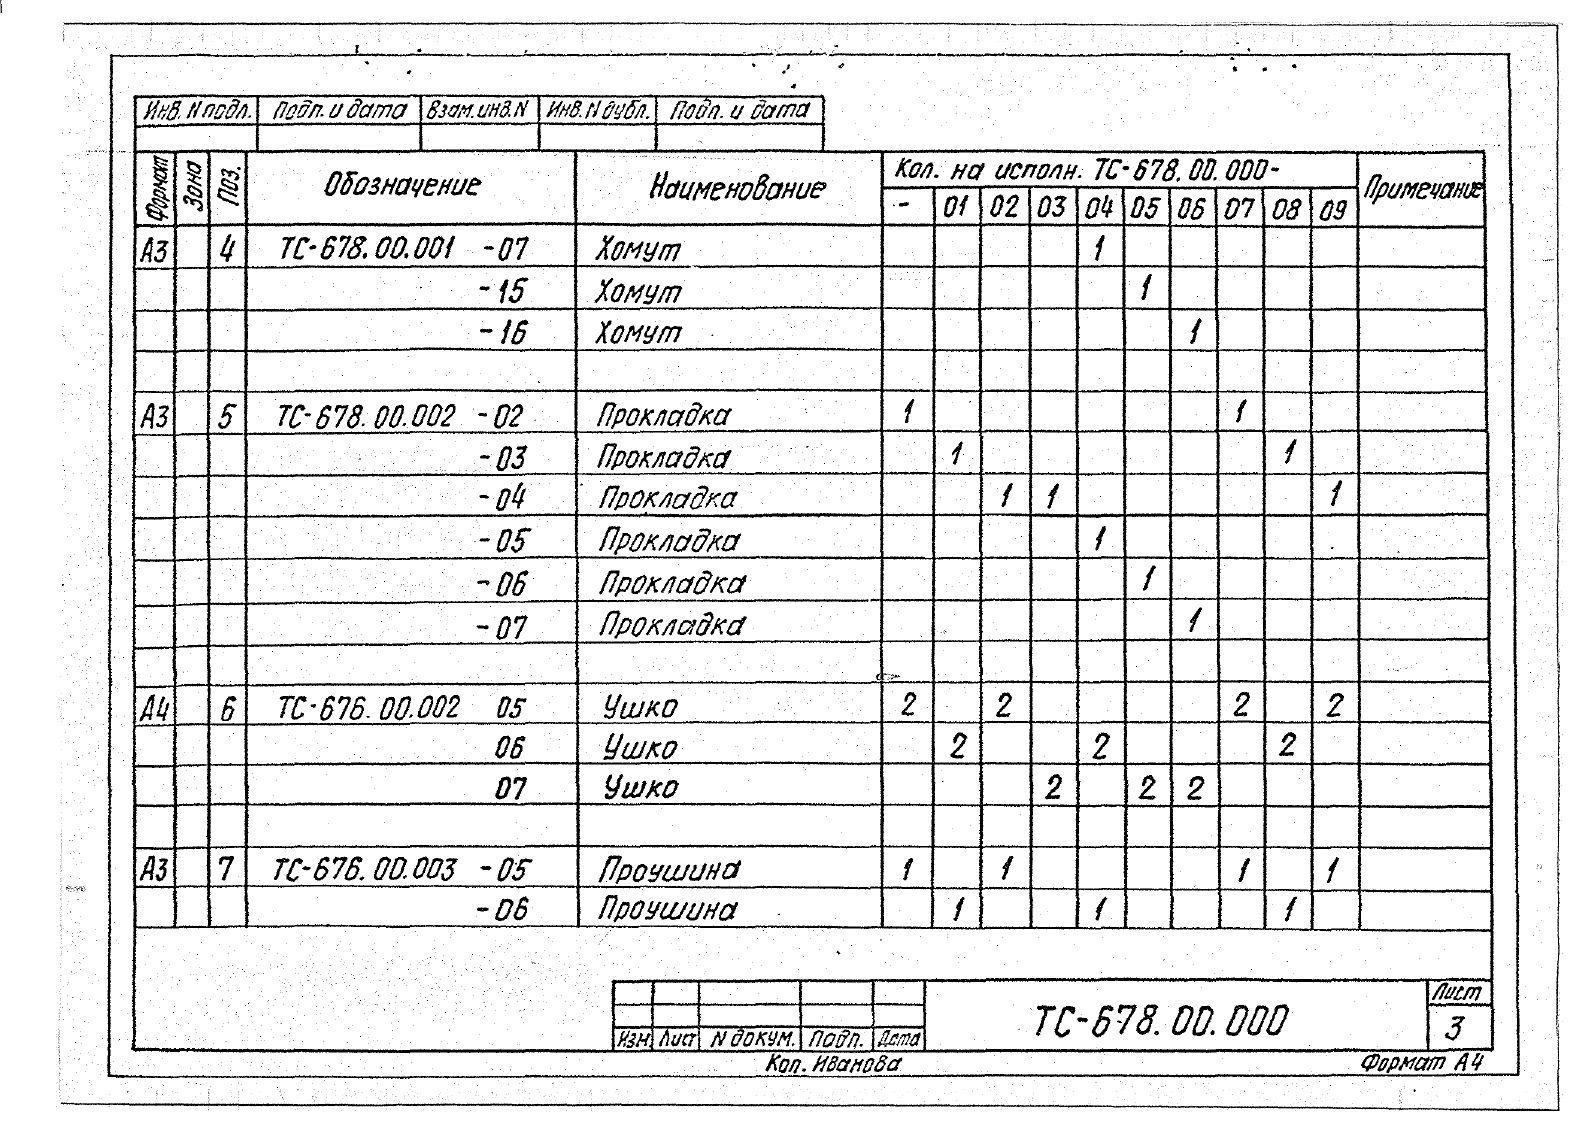 Подвески жесткие Дн 273-630 ТС-678 с.5.903-13 вып.6-95 стр.6